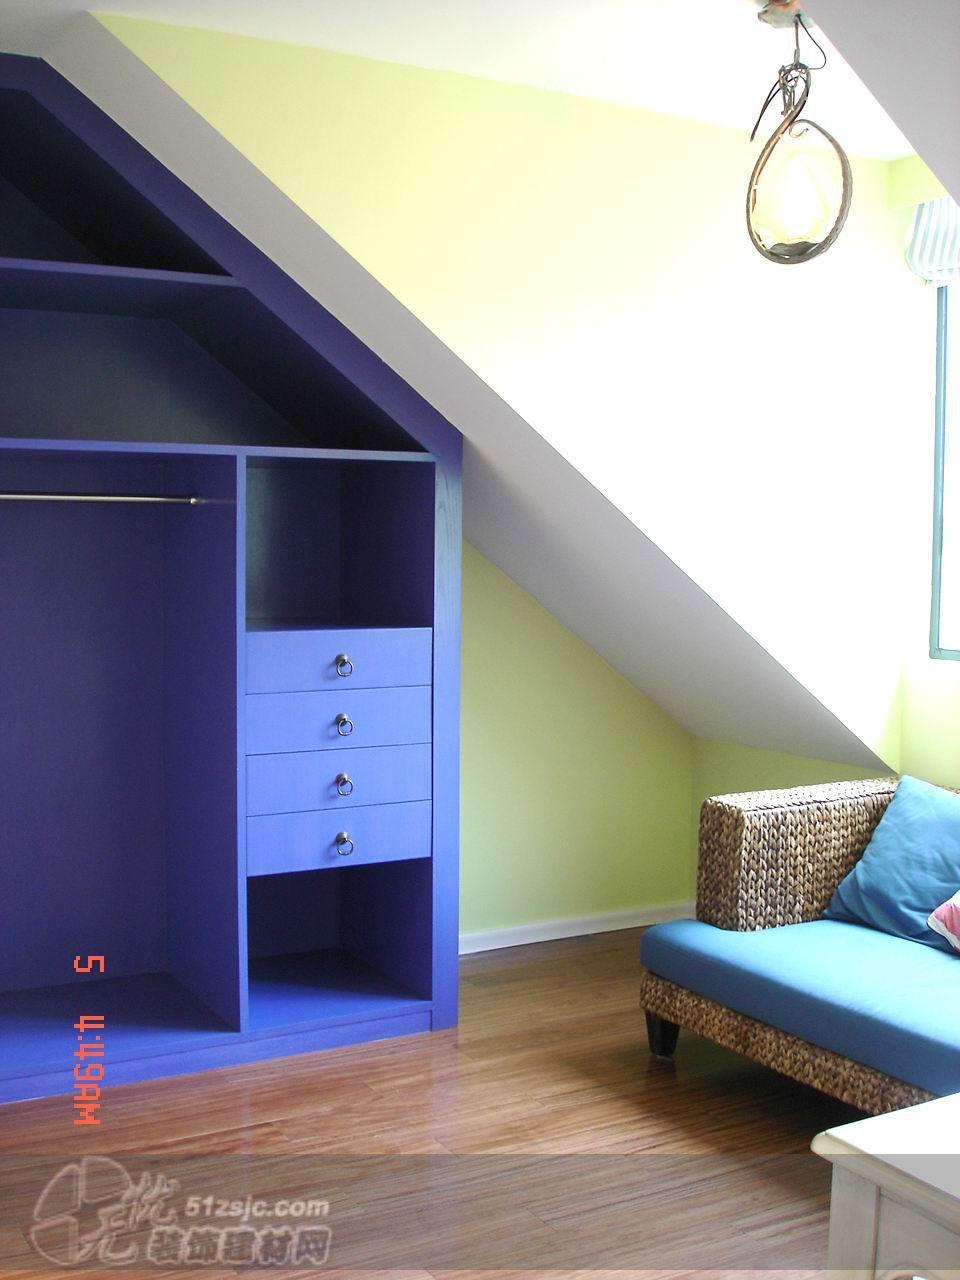 地中海风格 装饰效果图,室内装修图,装饰图库装,修设计图